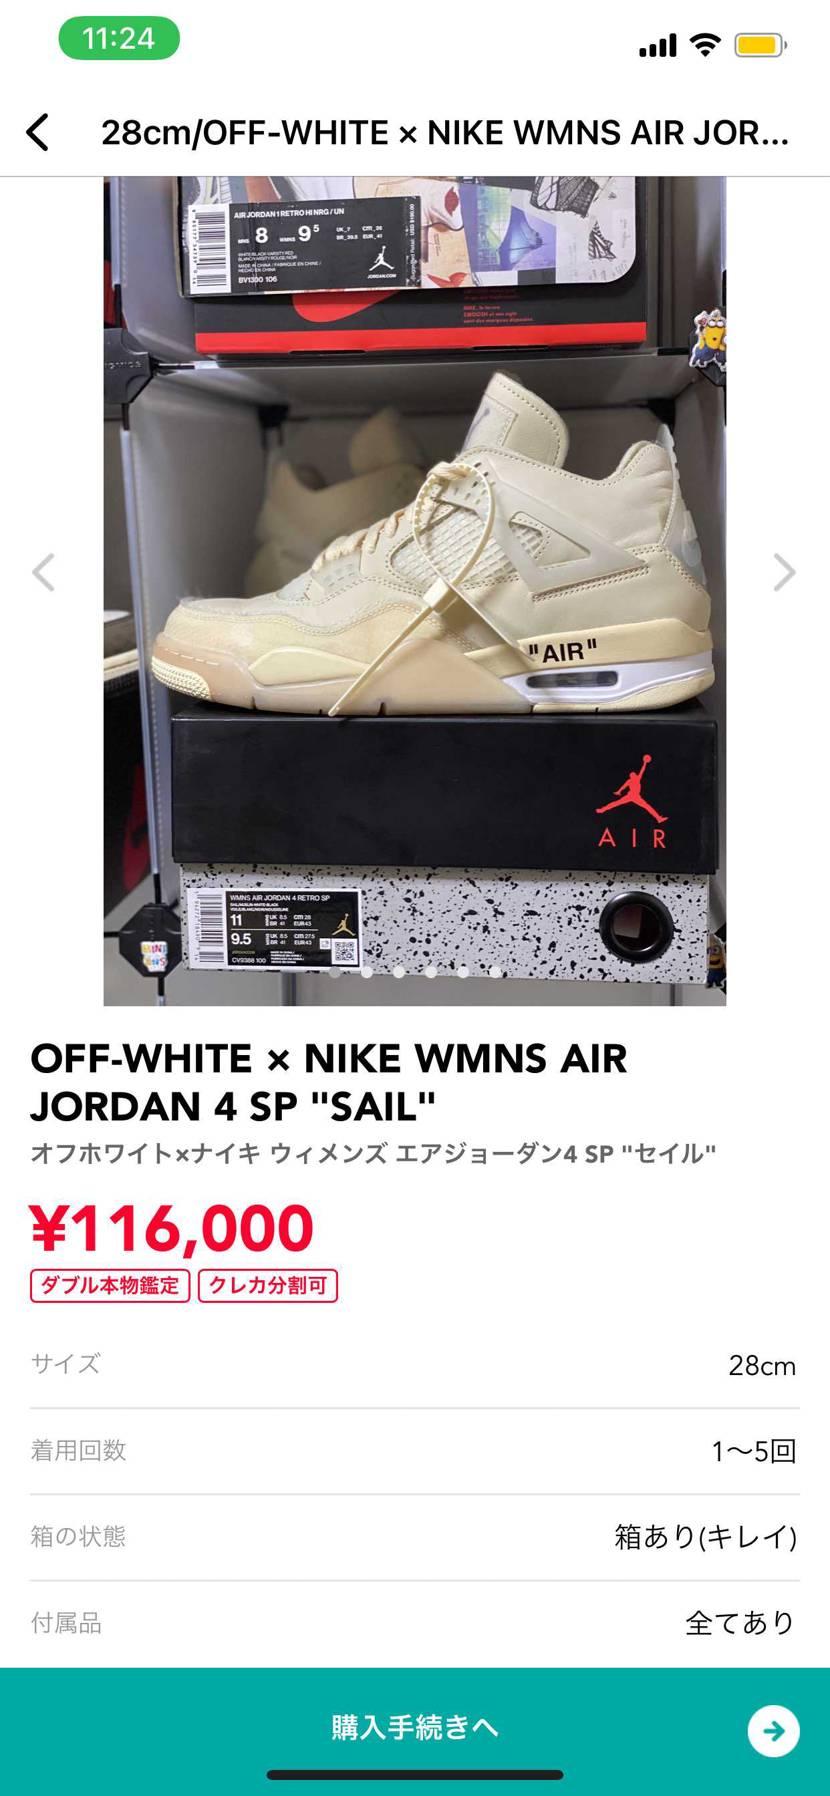 15万円の新品で購入して3回ぐらいだけ履きました 美中古です